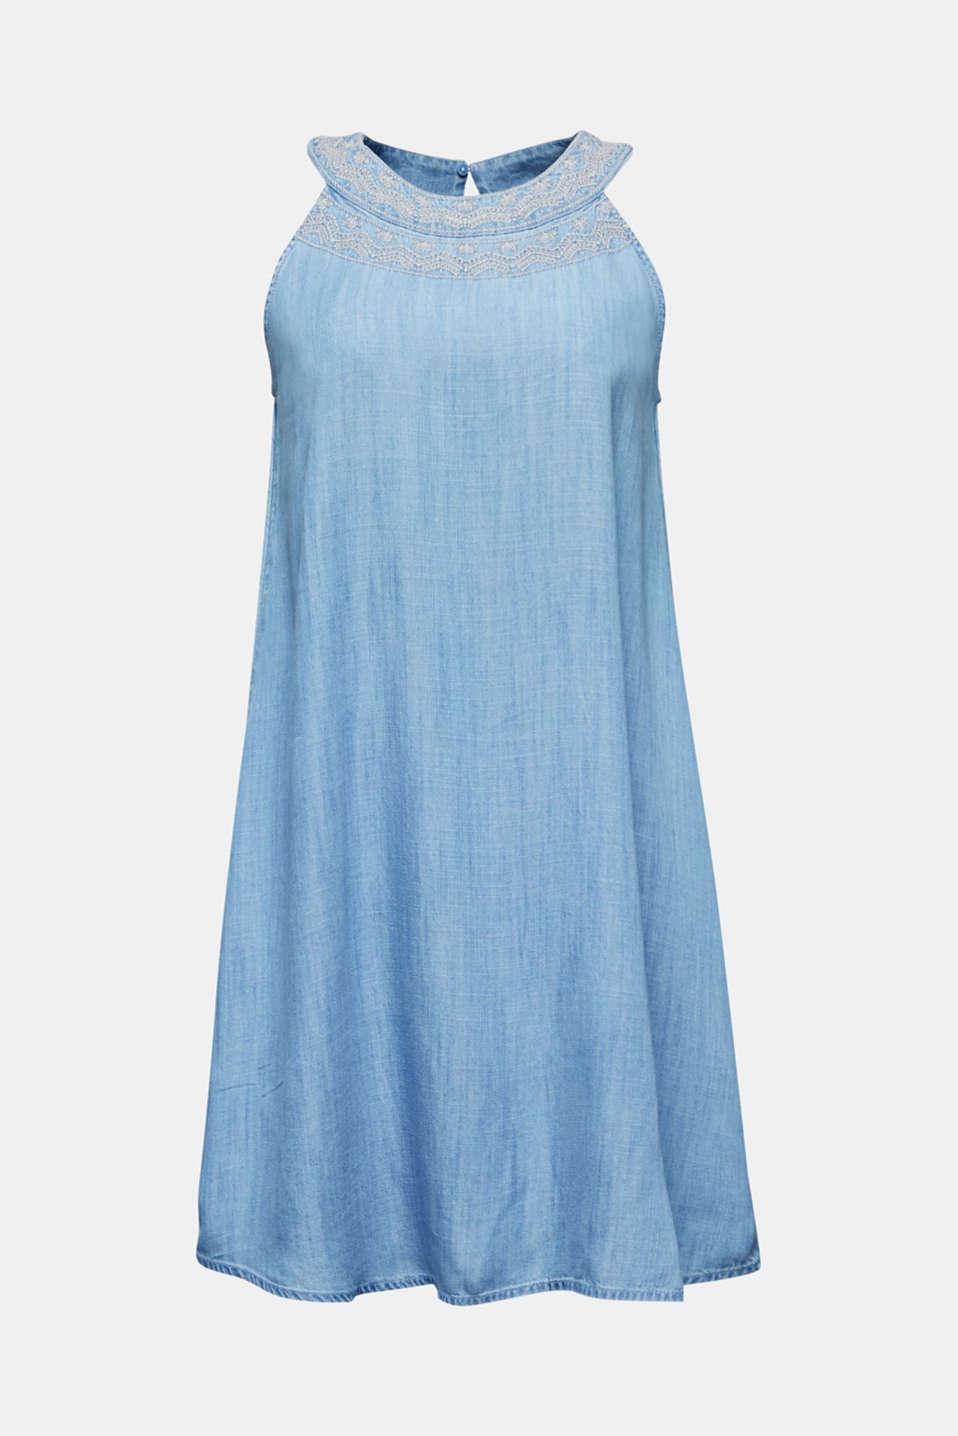 Denim dress made 100% lyocell, BLUE LIGHT WASH, detail image number 6